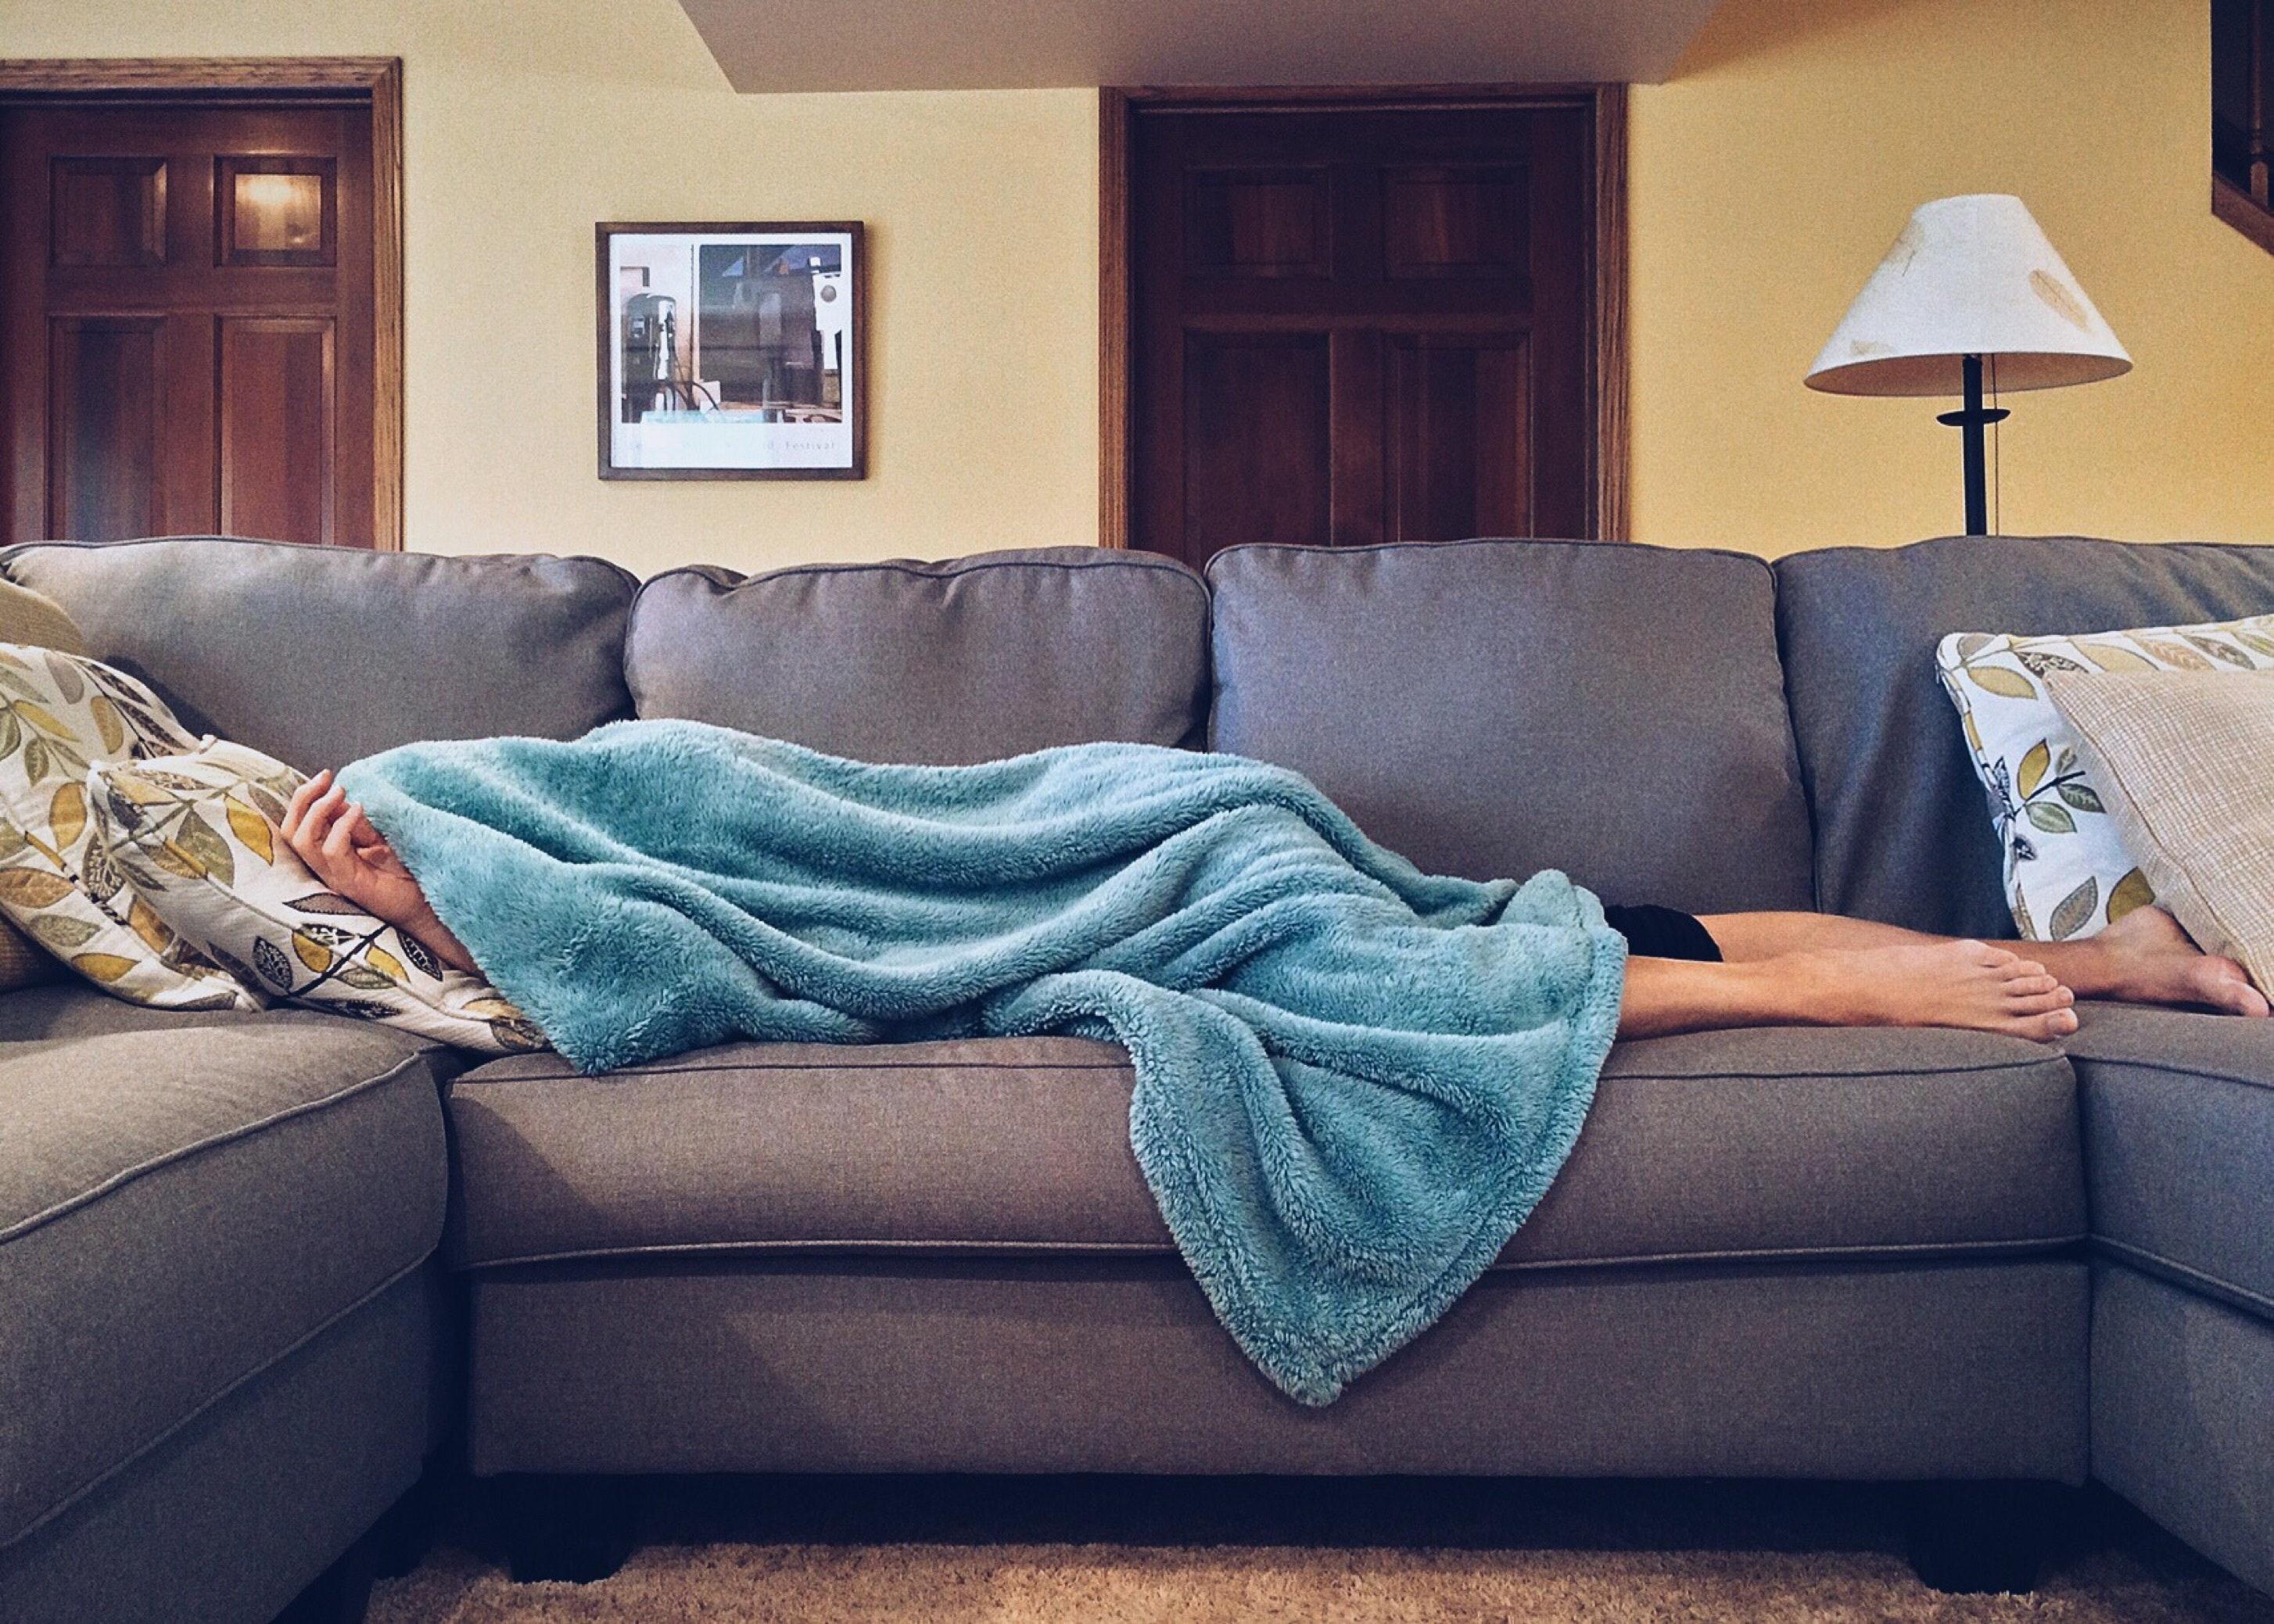 apartment-bed-carpet-269141